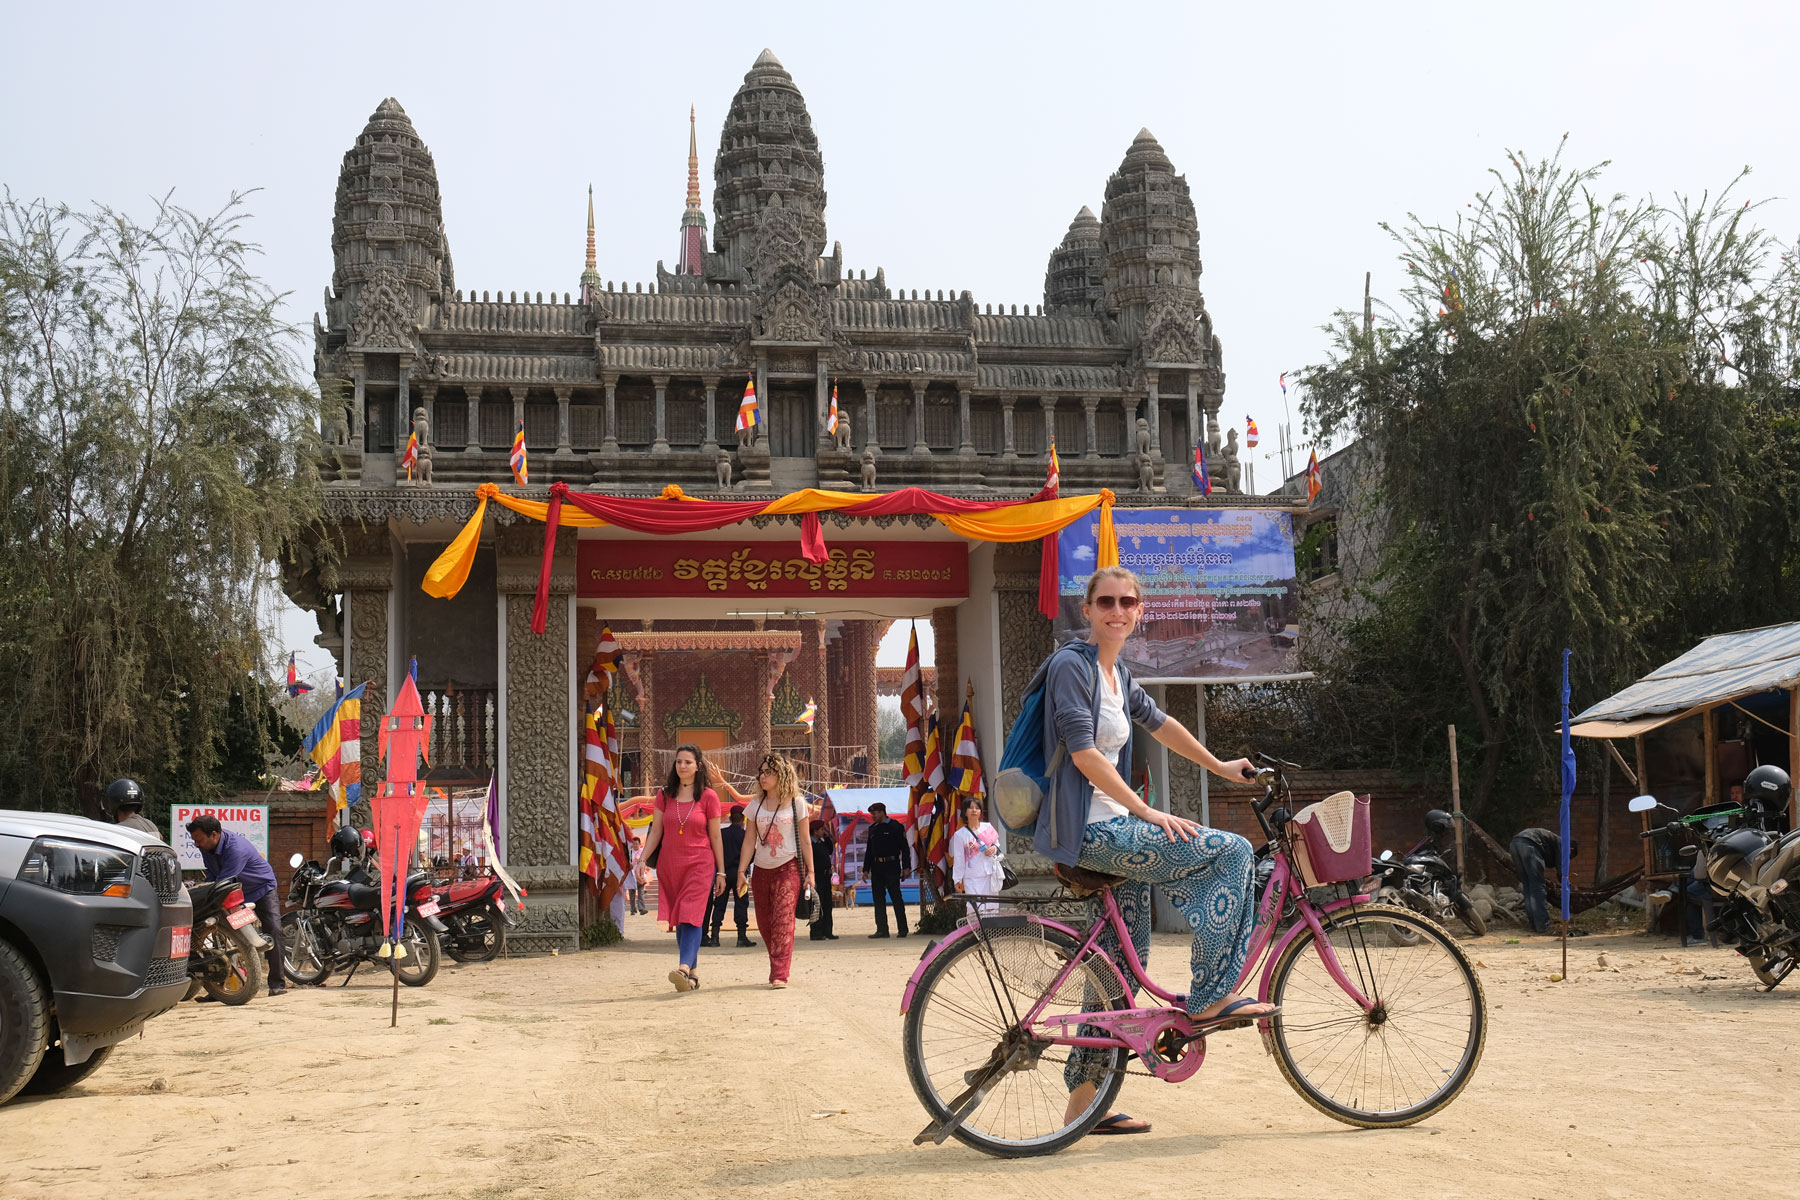 Leo auf einem Fahrrad vor dem kambodschanischen Tempel in Lumbini.